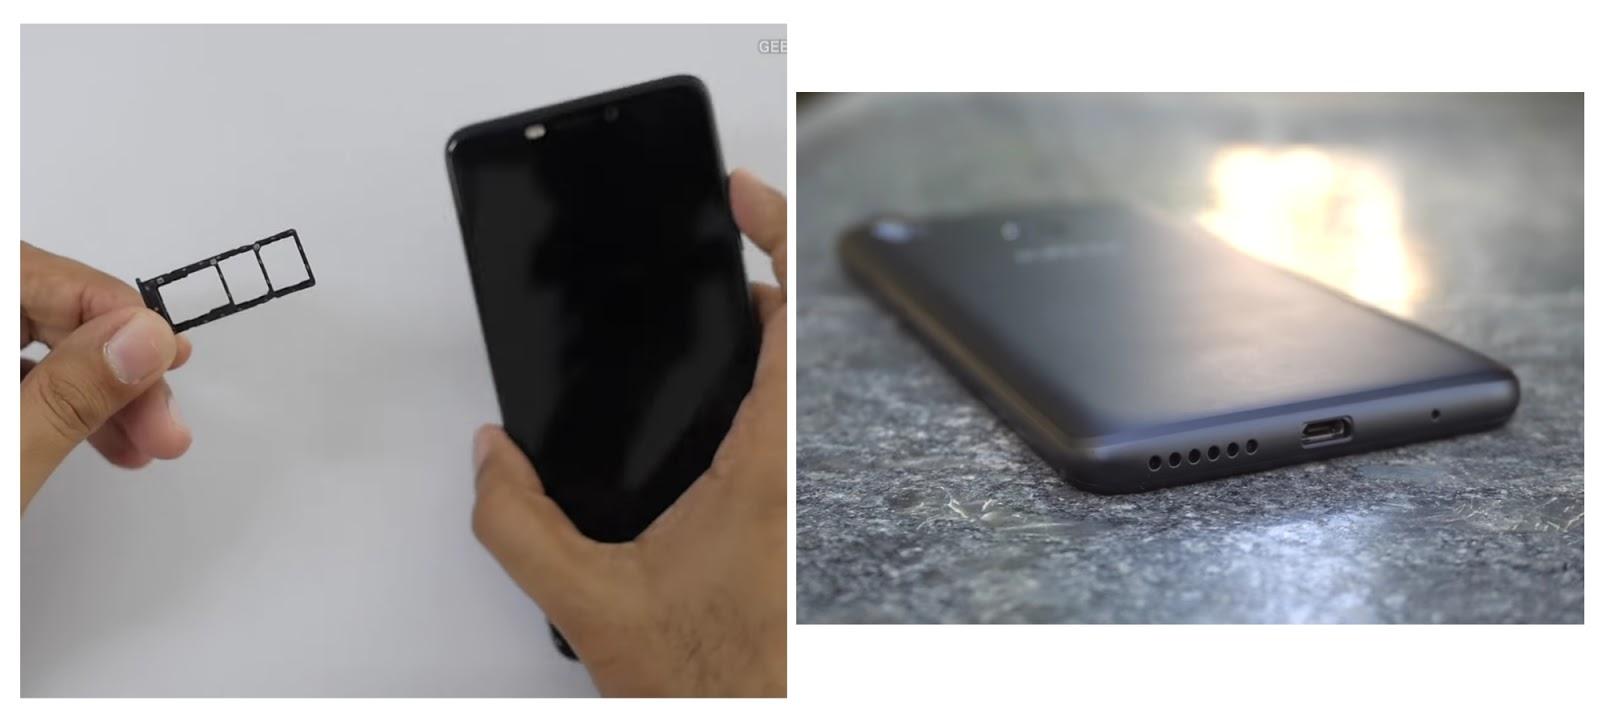 Sim tray and bottom views